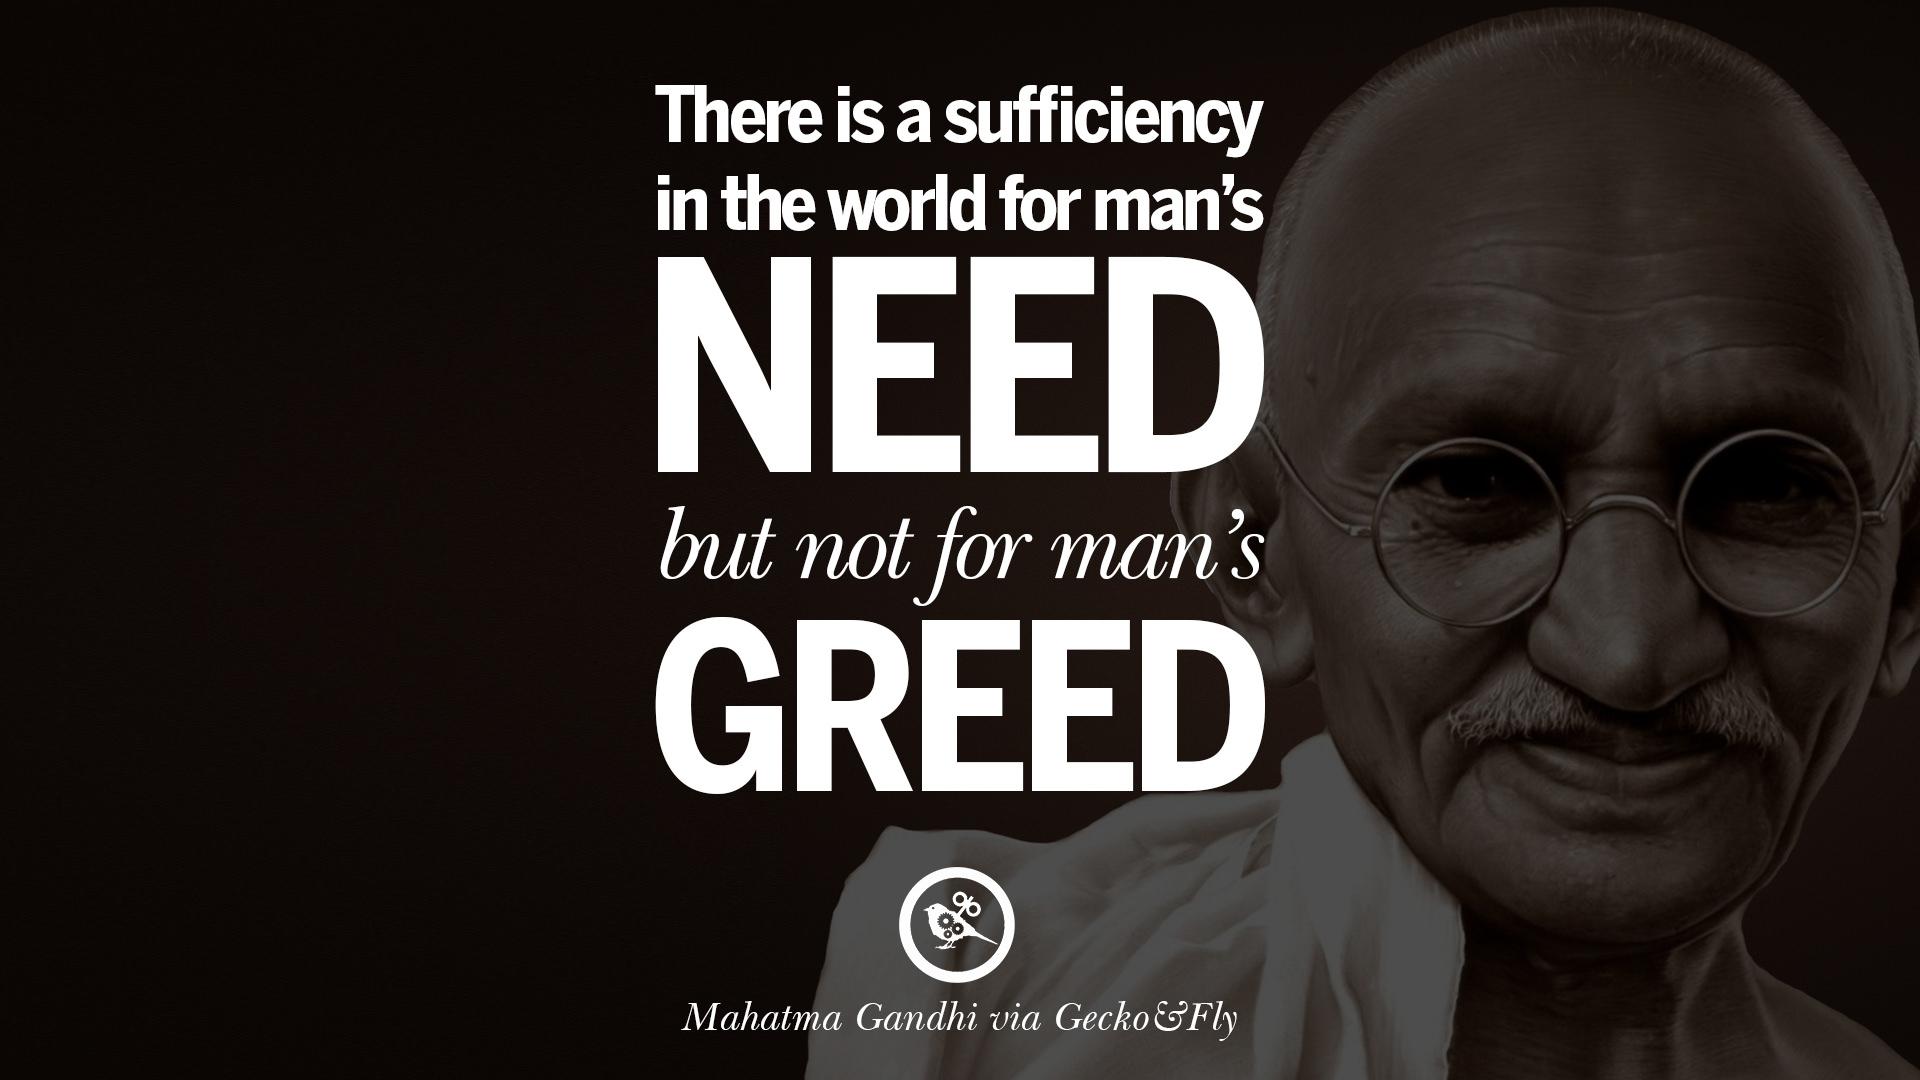 Gandhi Quotes College Paper Sample June 2019